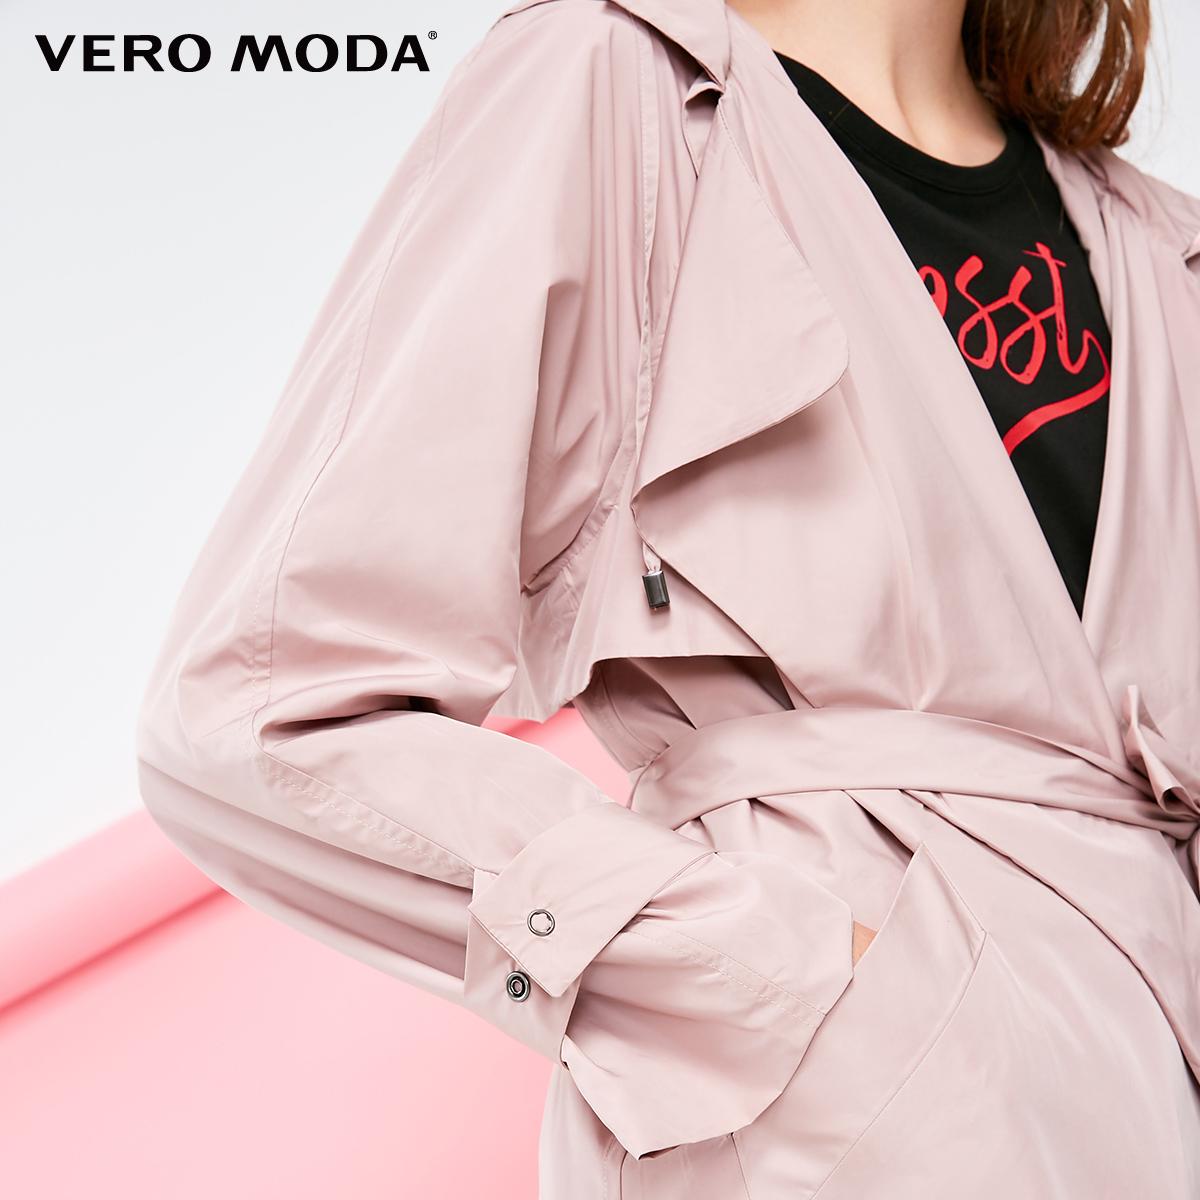 318321504 新款翻领连帽系带中长款风衣外套女 VeroModa 折 5 件 2